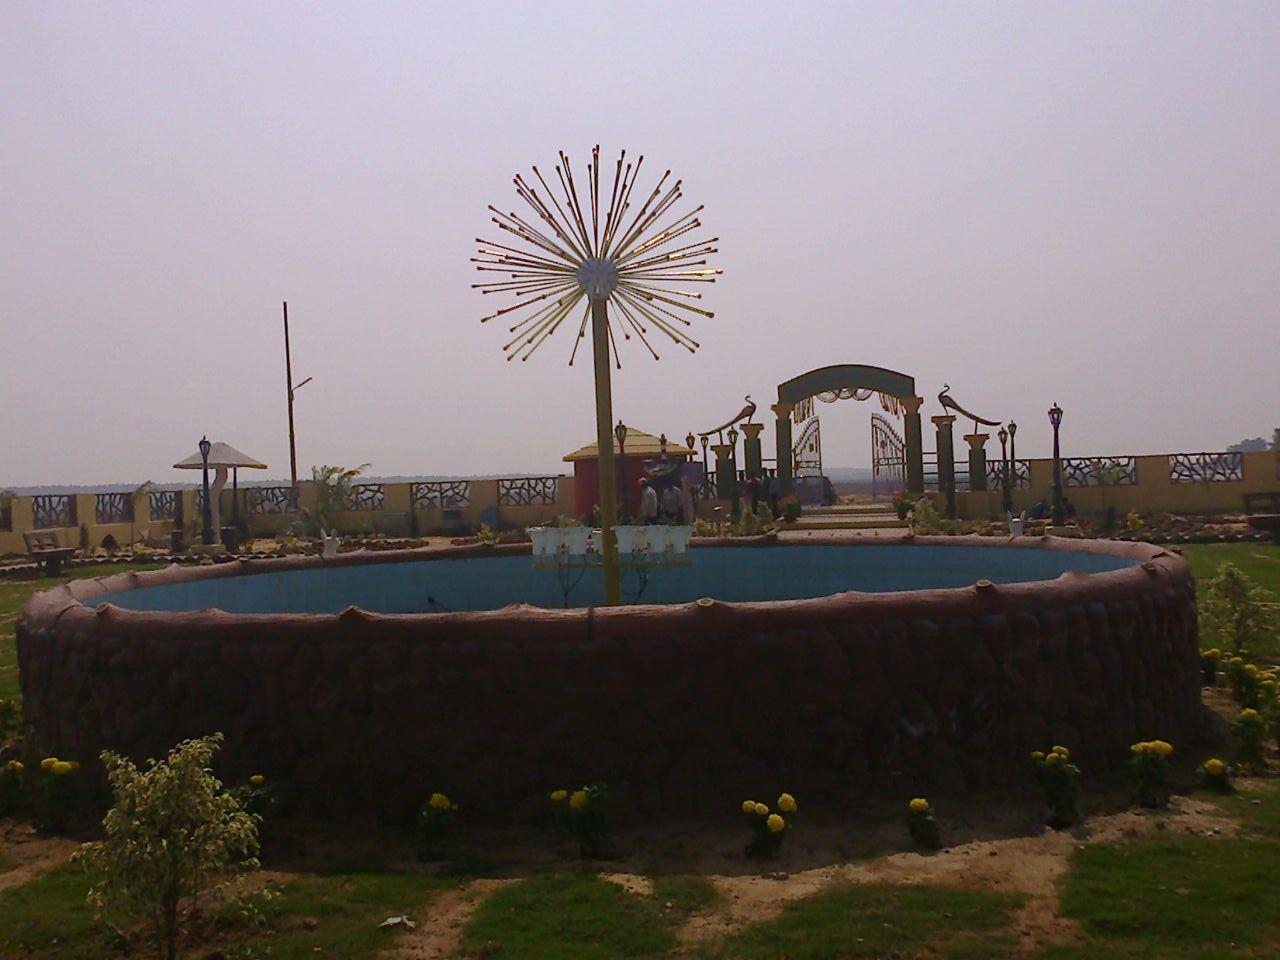 Ball Fountain